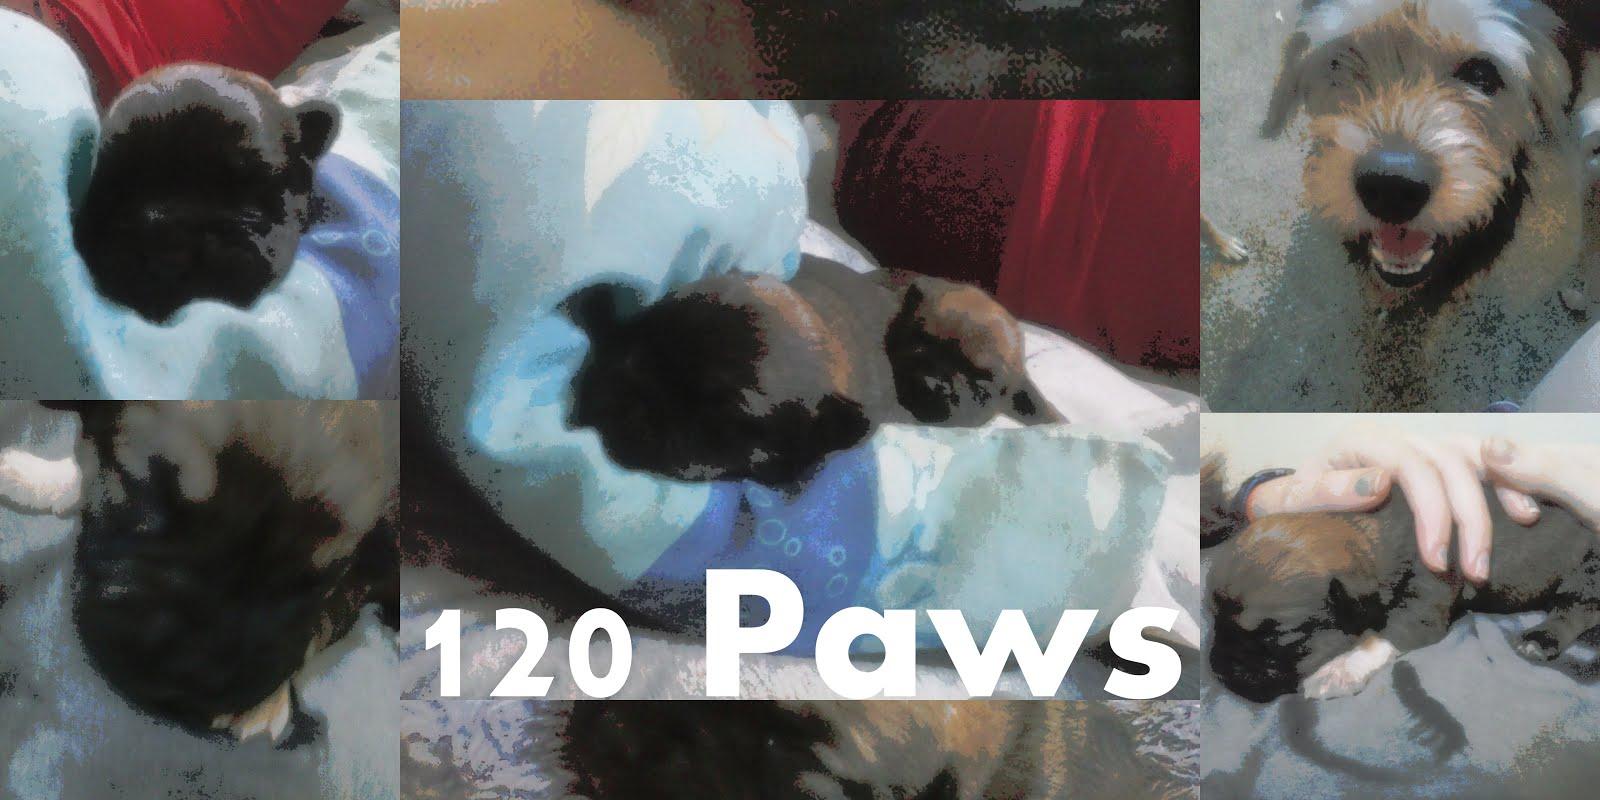 120 Paws